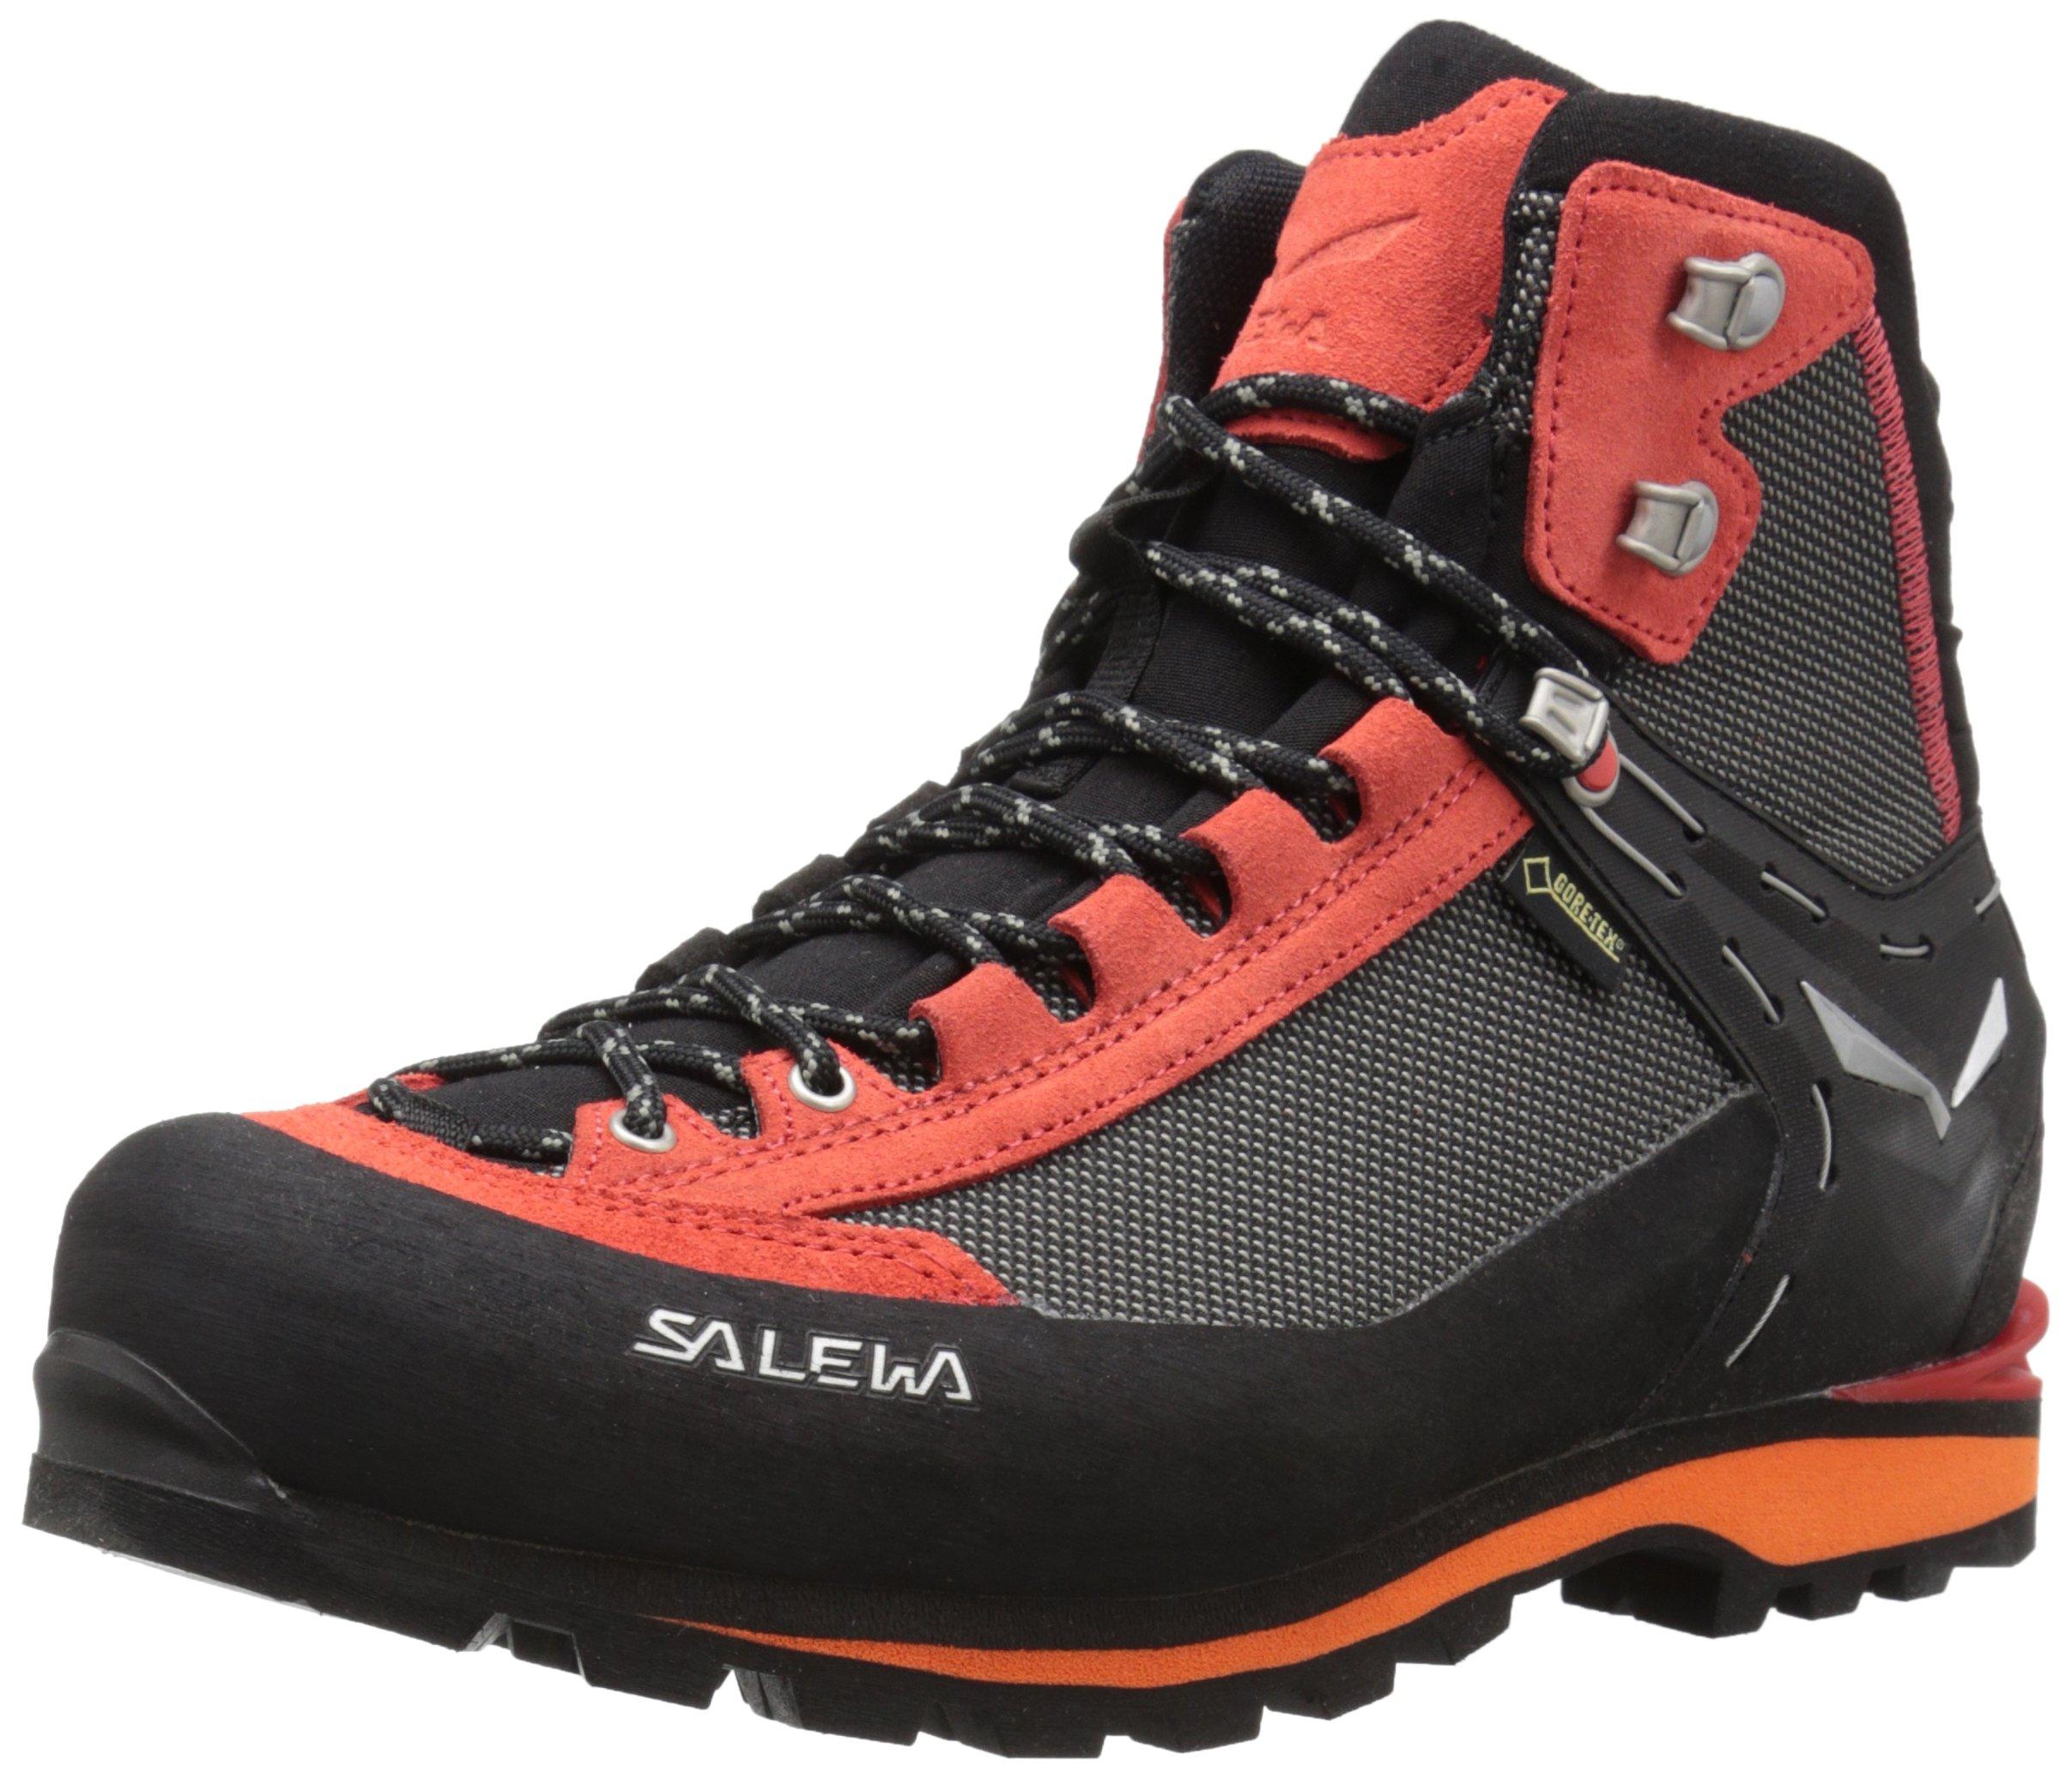 Salewa Herren MS Crow Gore-TEX Trekking-& Wanderstiefel, Black/Papavero, 44 EU